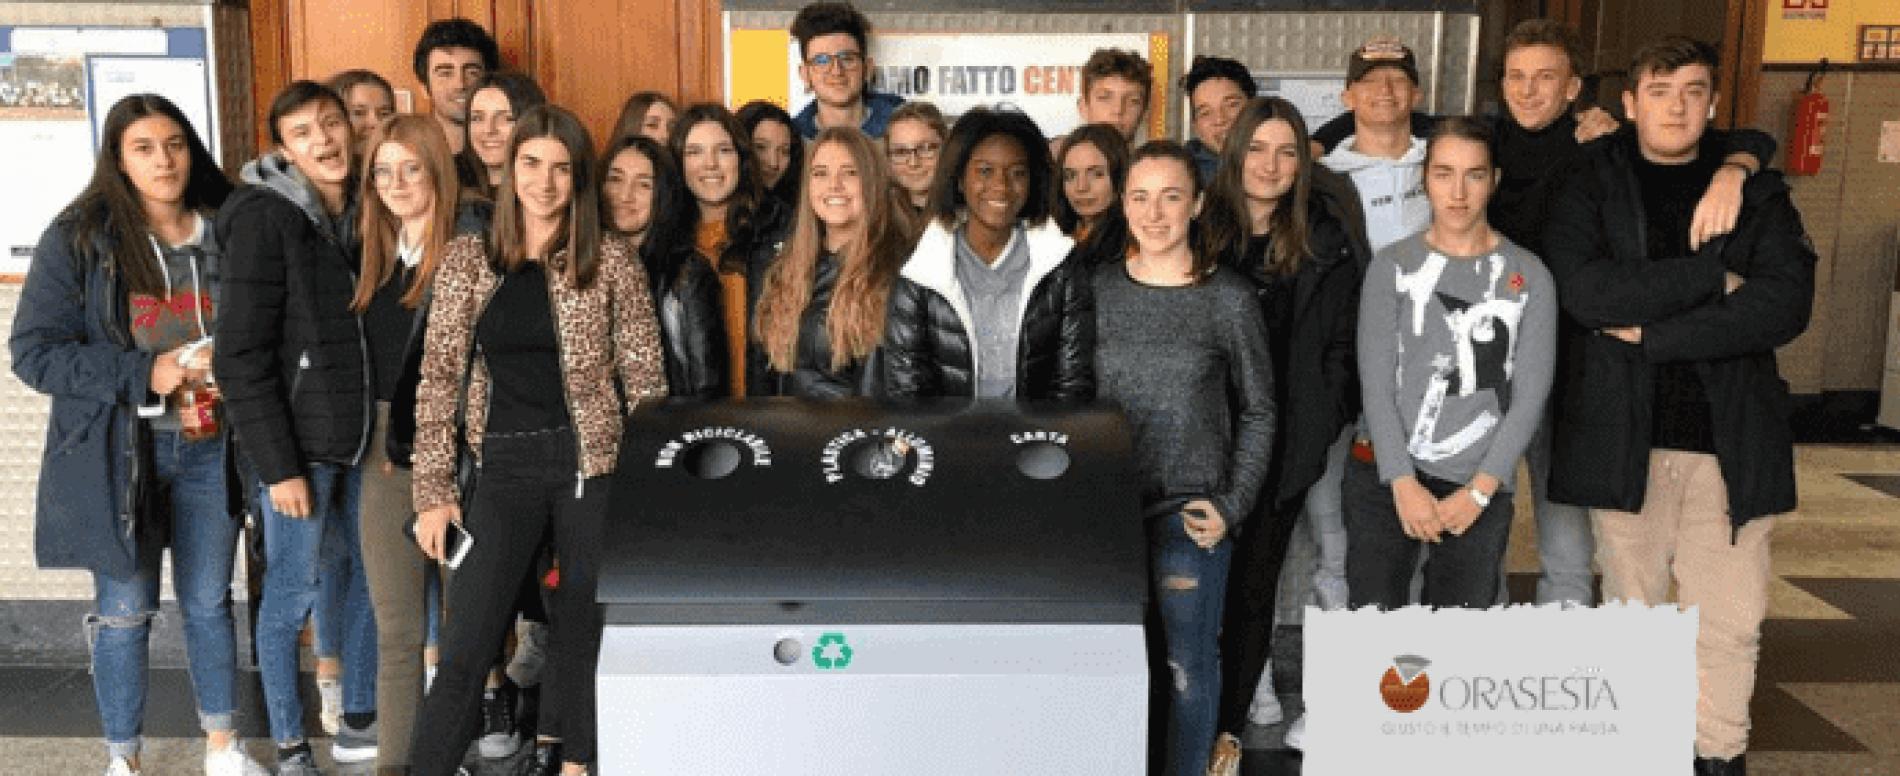 Ora Sesta e gli studenti del Don Bosco di Borgomanero insieme per l'ambiente